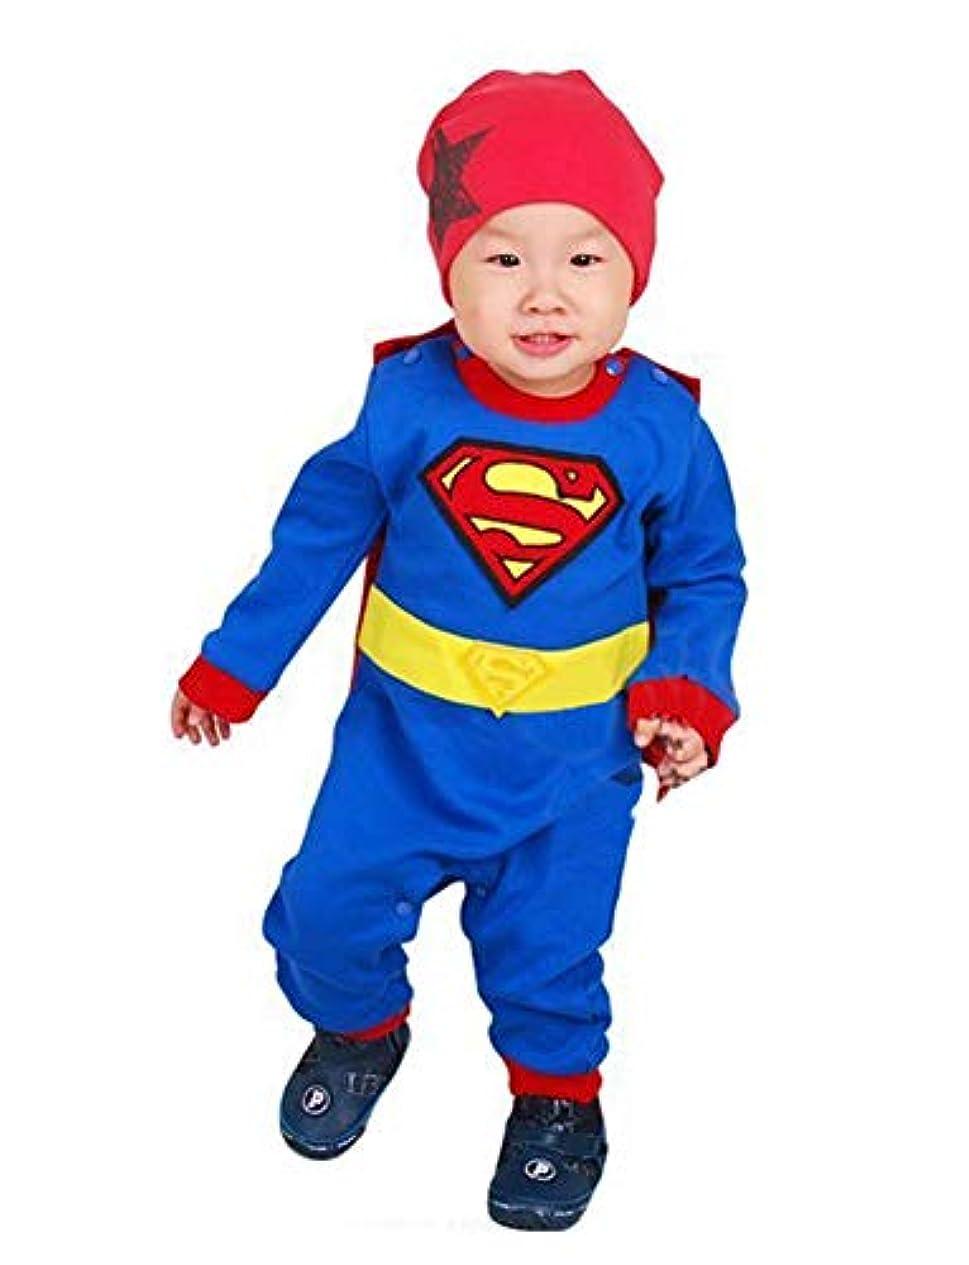 リーガンマンハッタンバンガローベビー ハロウィン 変身 コスチューム ロンパース コスプレ 仮装 衣装 マント キッズ 赤ちゃん 女の子 男の子 子供服 綿 マント付き(取外し可) A8921e (90cm)